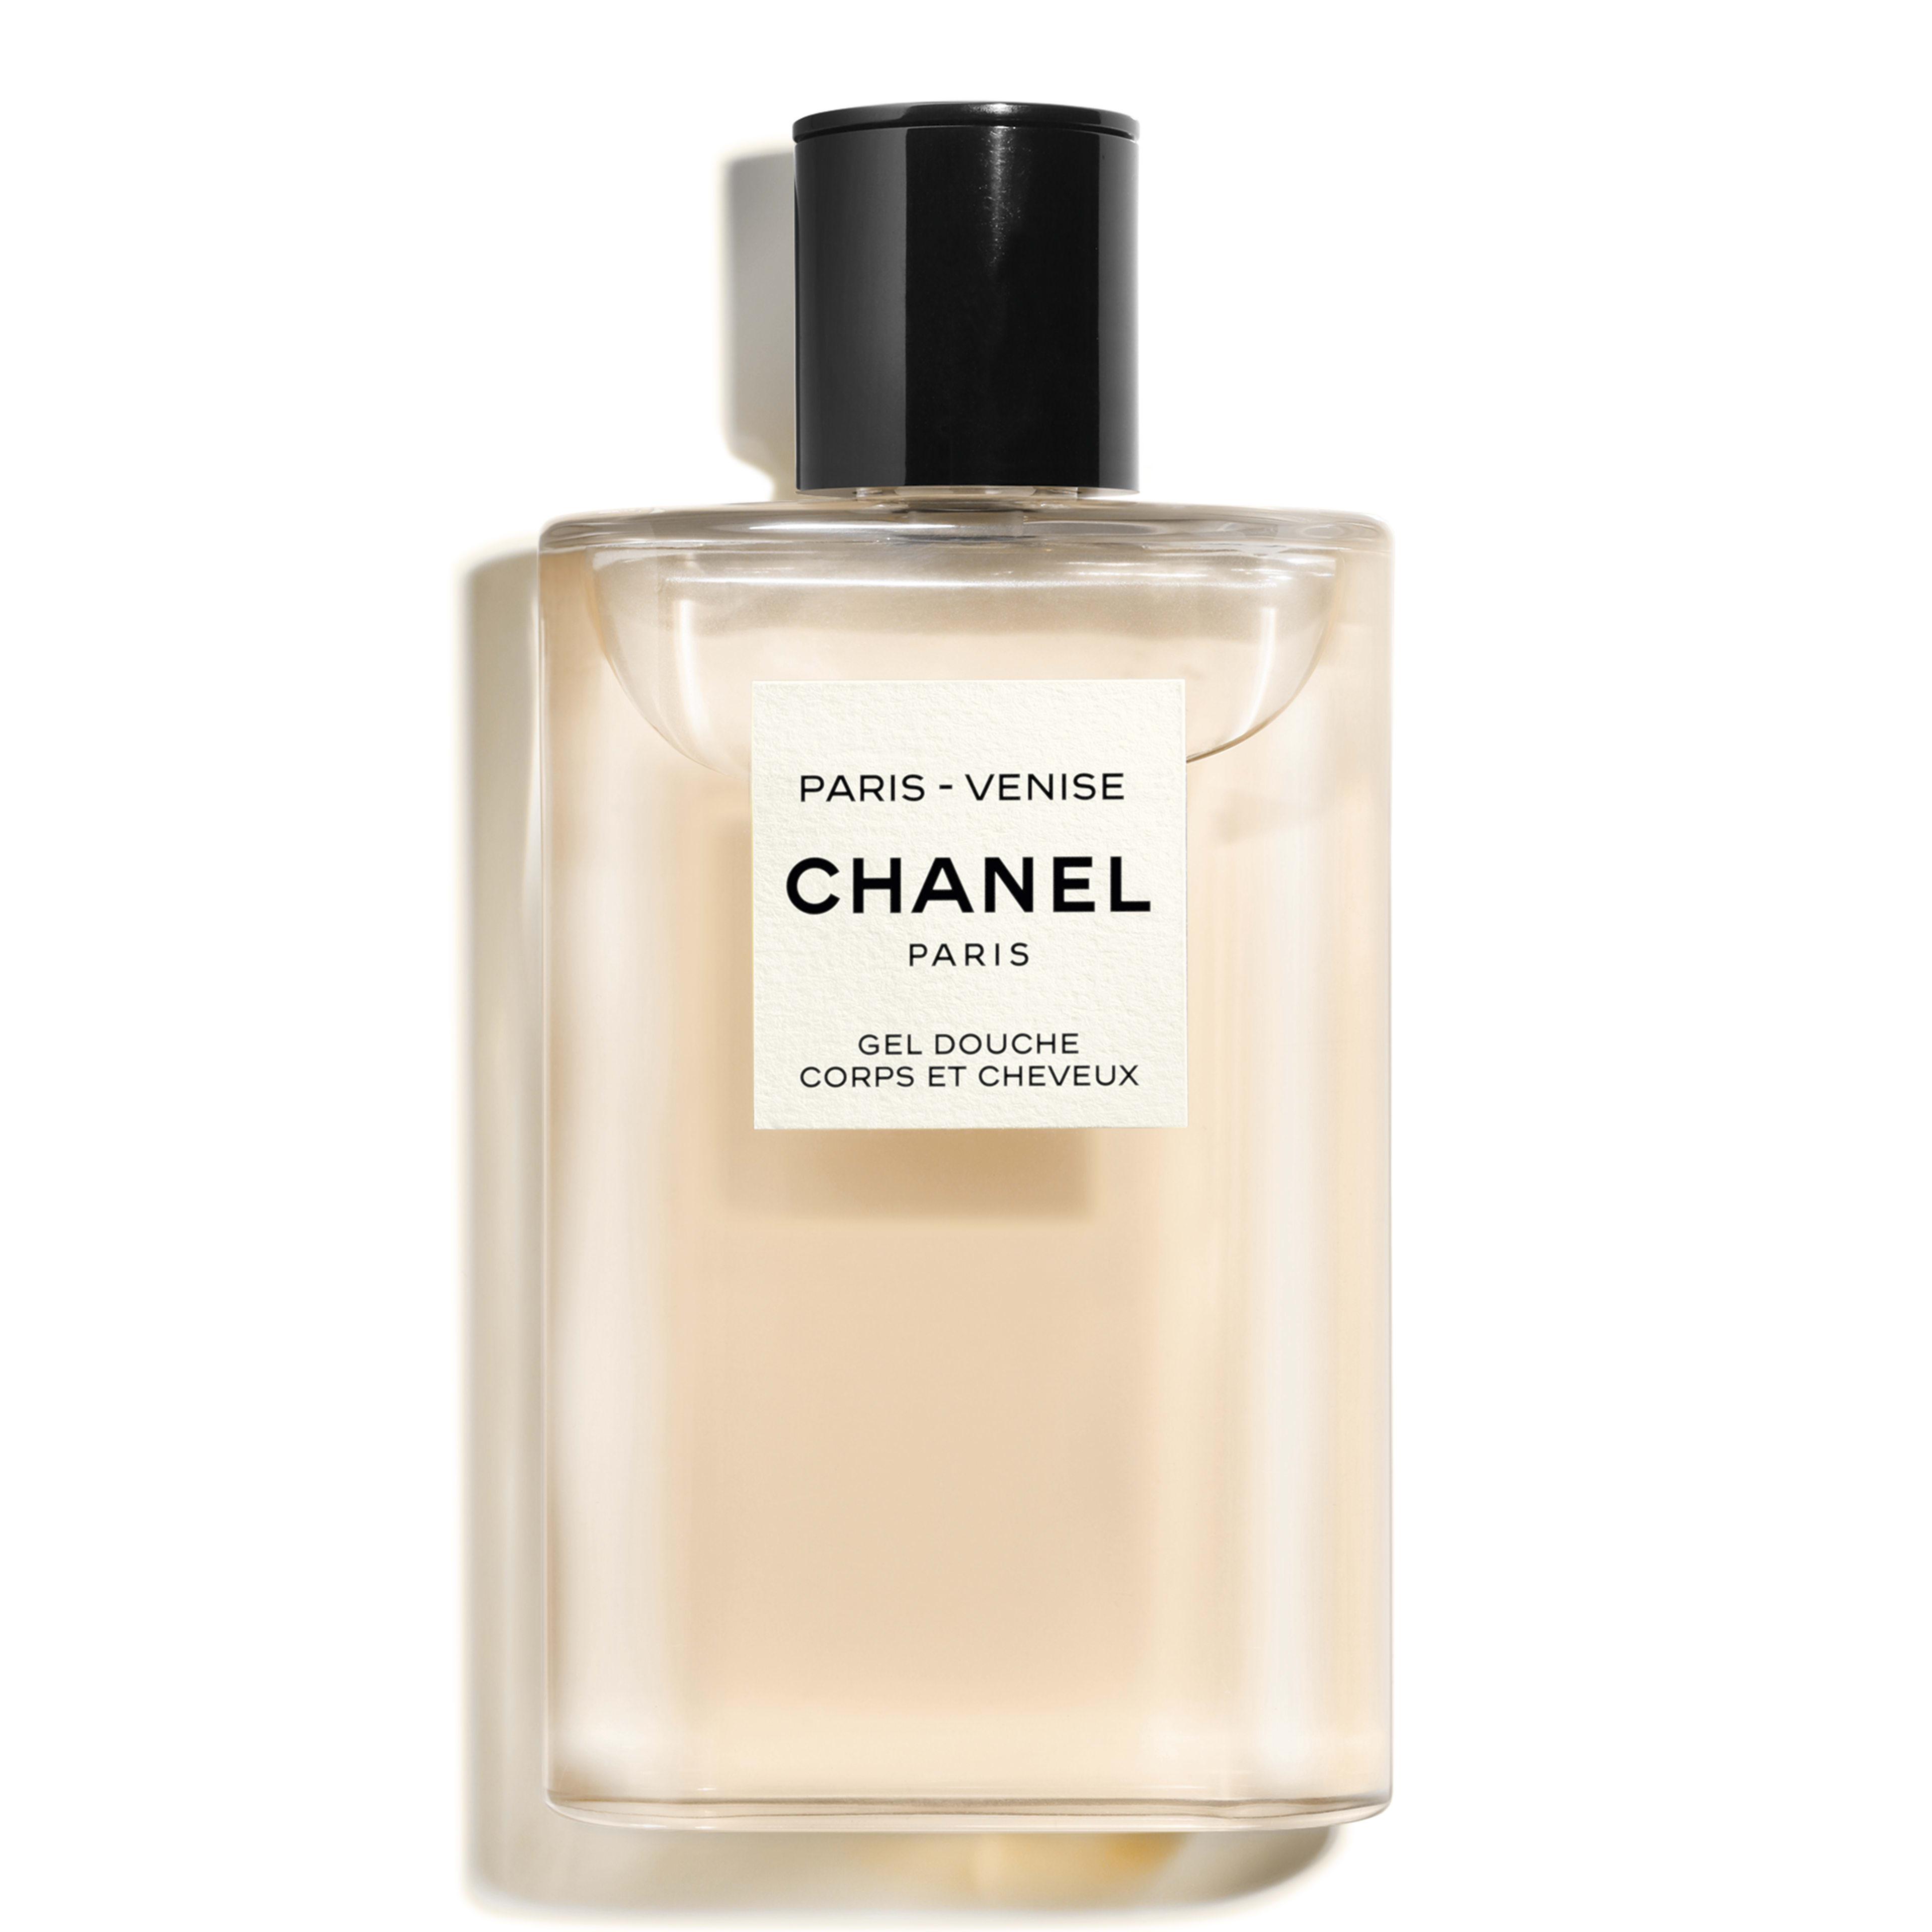 PARIS - VENISE - fragrance - 6.8FL. OZ. - Default view